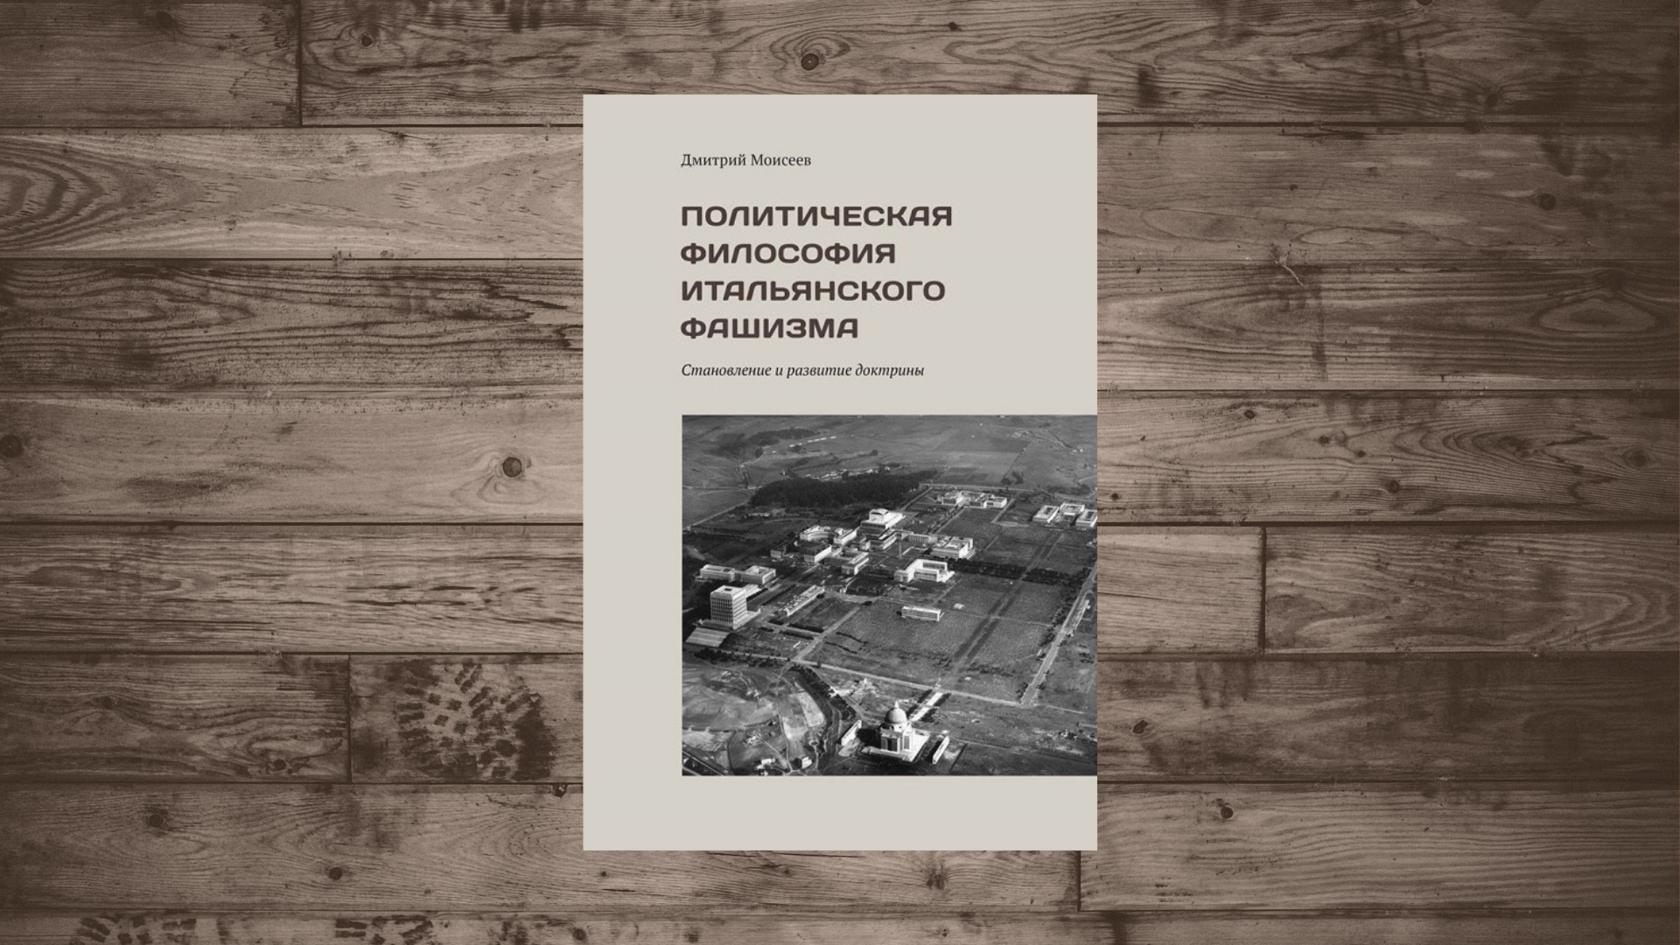 Купить «Политическая философия итальянского фашизма» 978-5-7584-0233-7, Кабинетный ученый, Дмитрий Моисеев